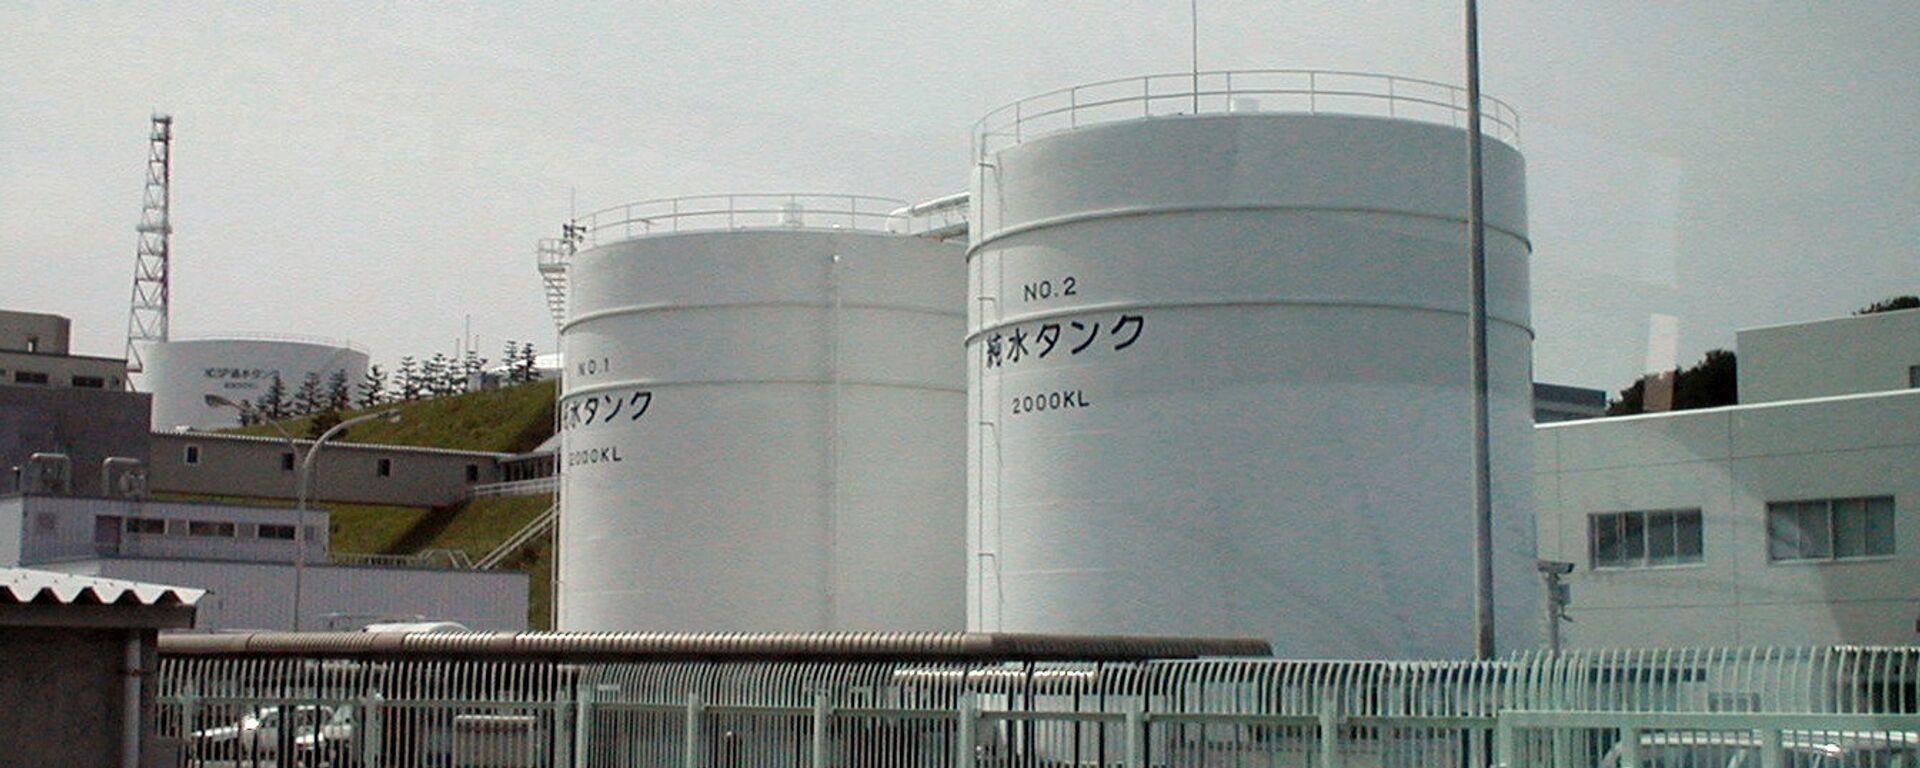 La planta japonesa de Fukushima. - Sputnik Mundo, 1920, 14.02.2021